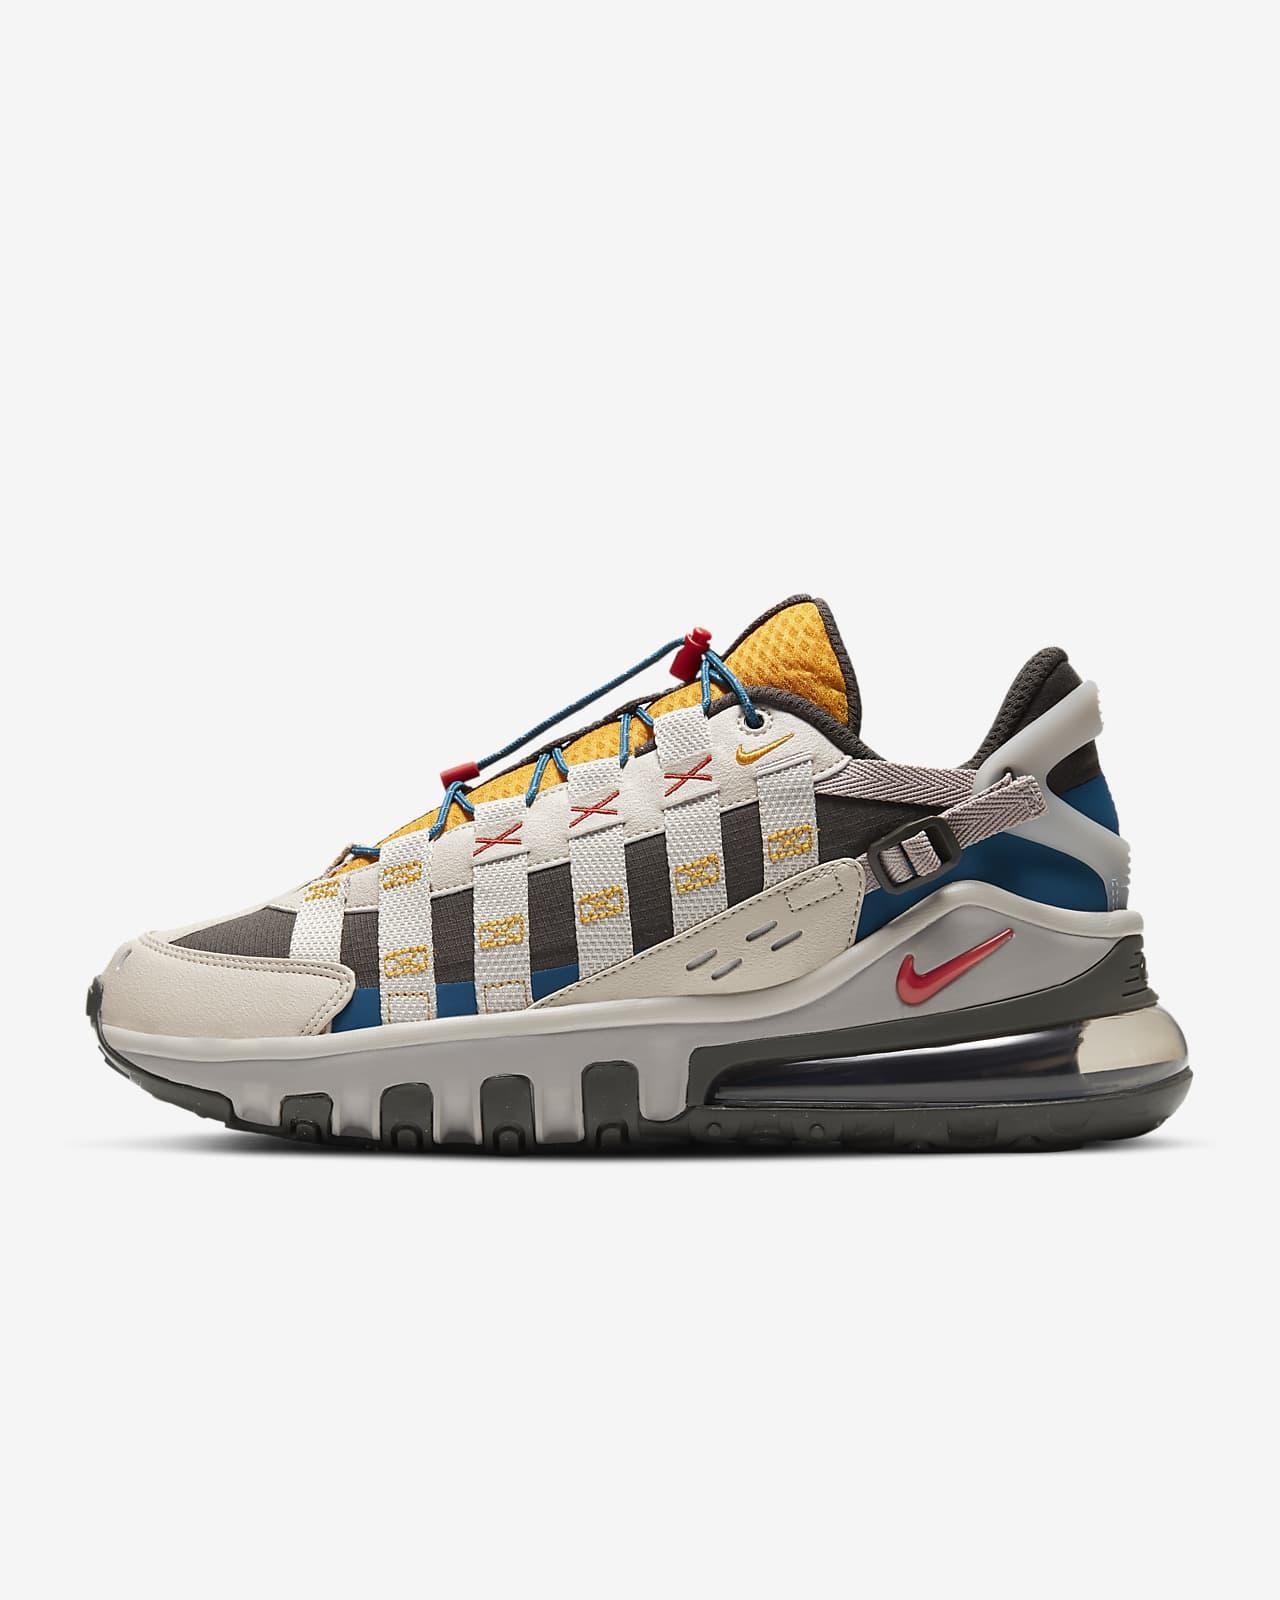 Nike Air Max Vistascape 男子运动鞋